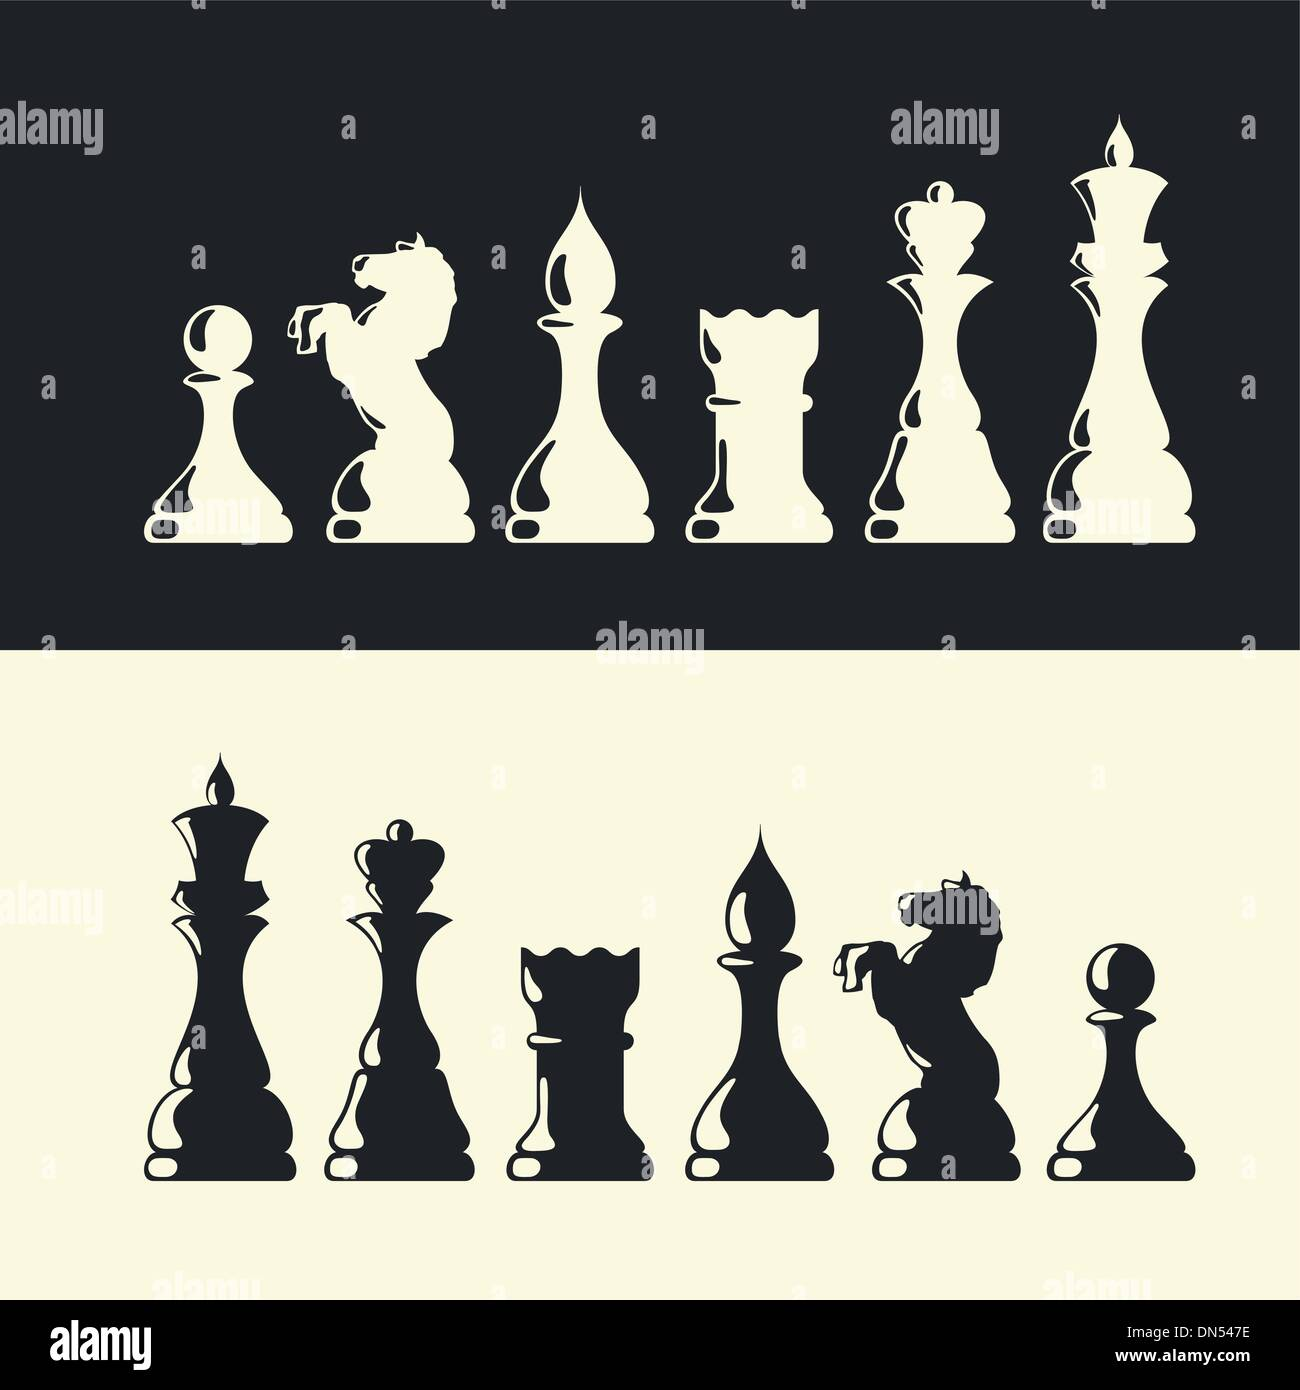 Pezzi di scacchi raccolta. VettoreIllustrazione Vettoriale